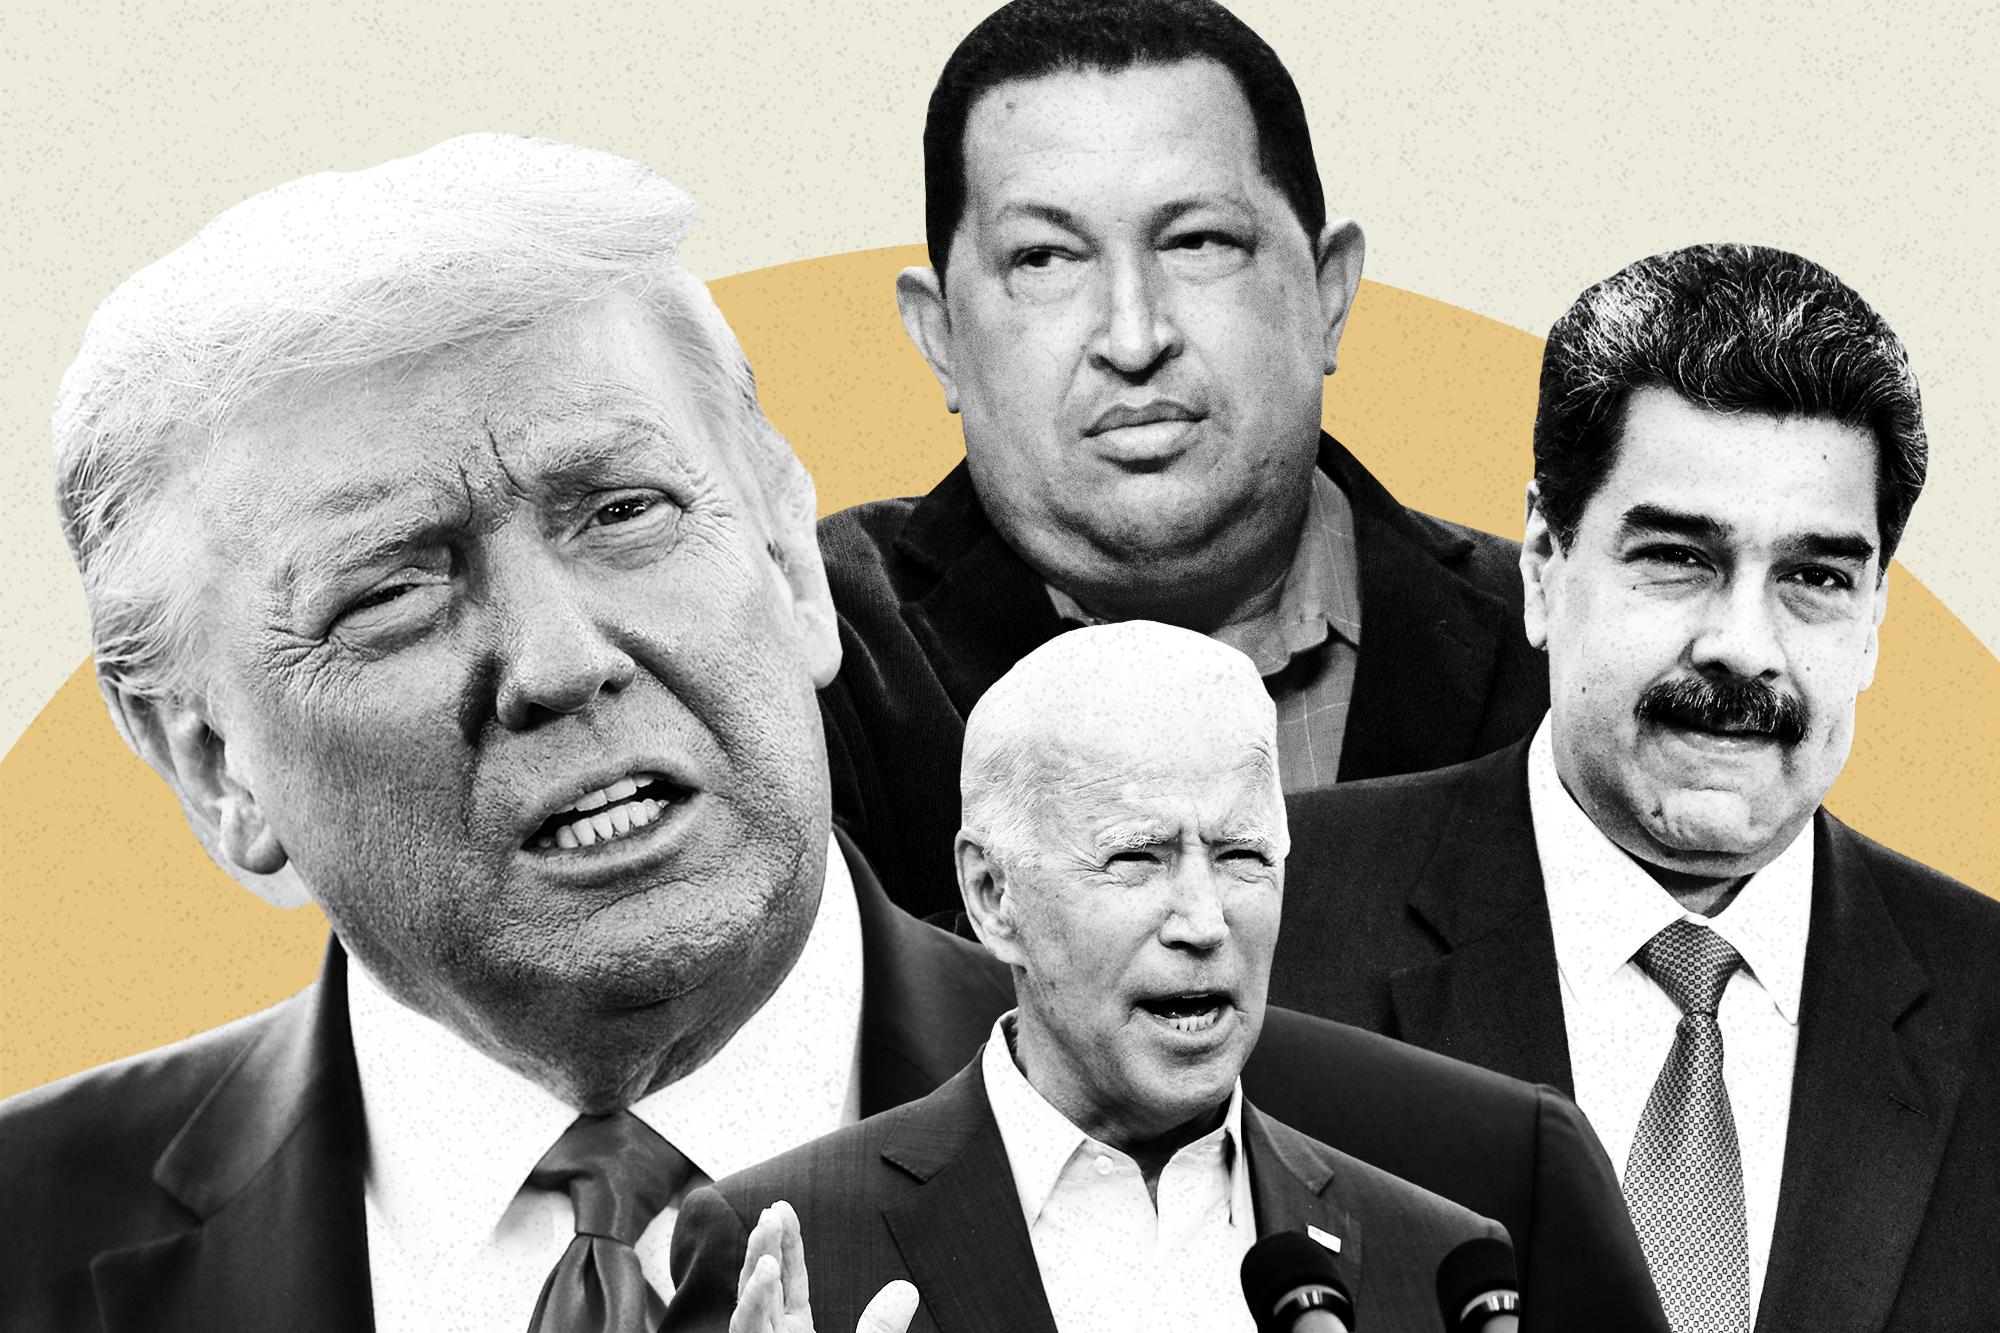 Biden the 'Socialist' vs. Trump the 'Caudillo': The Battle for the Venezuelan Vote